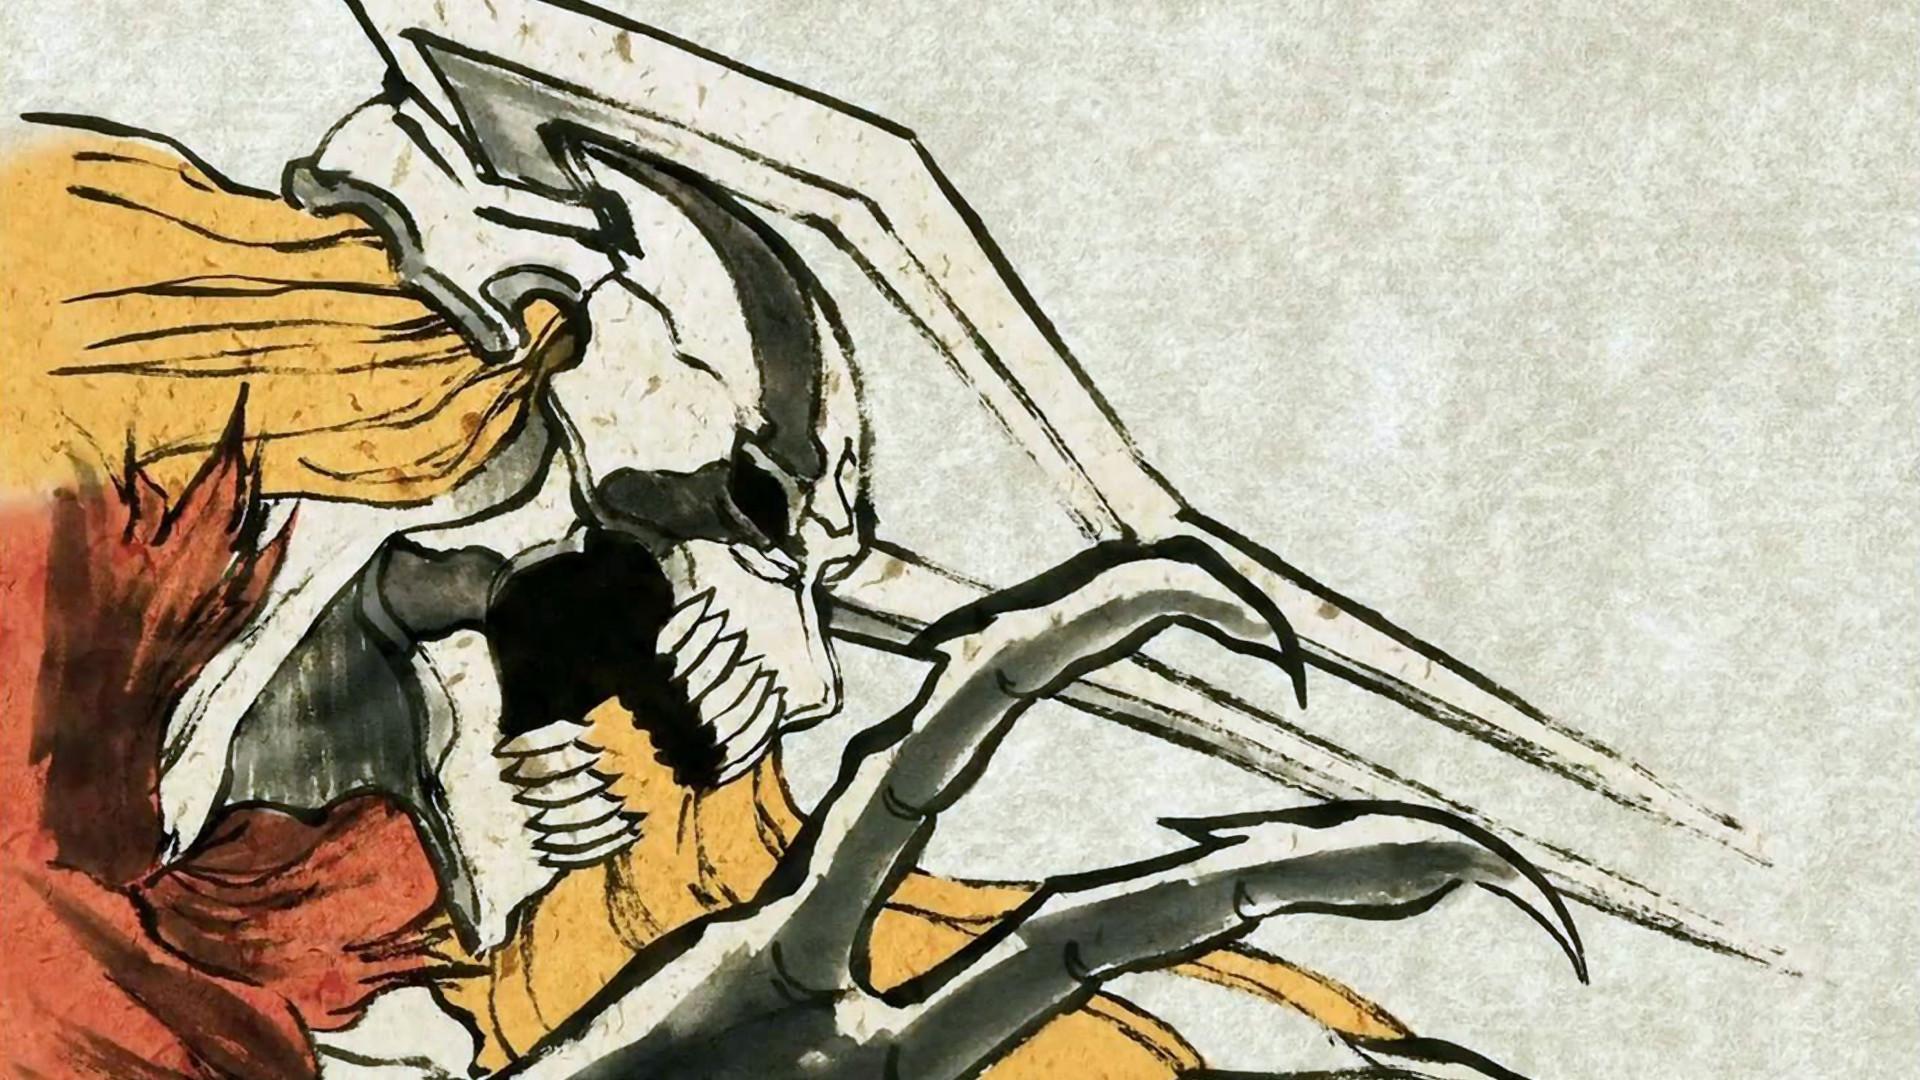 1920x1200 Tags Anime BLEACH Kurosaki Ichigo Hollow Wallpaper